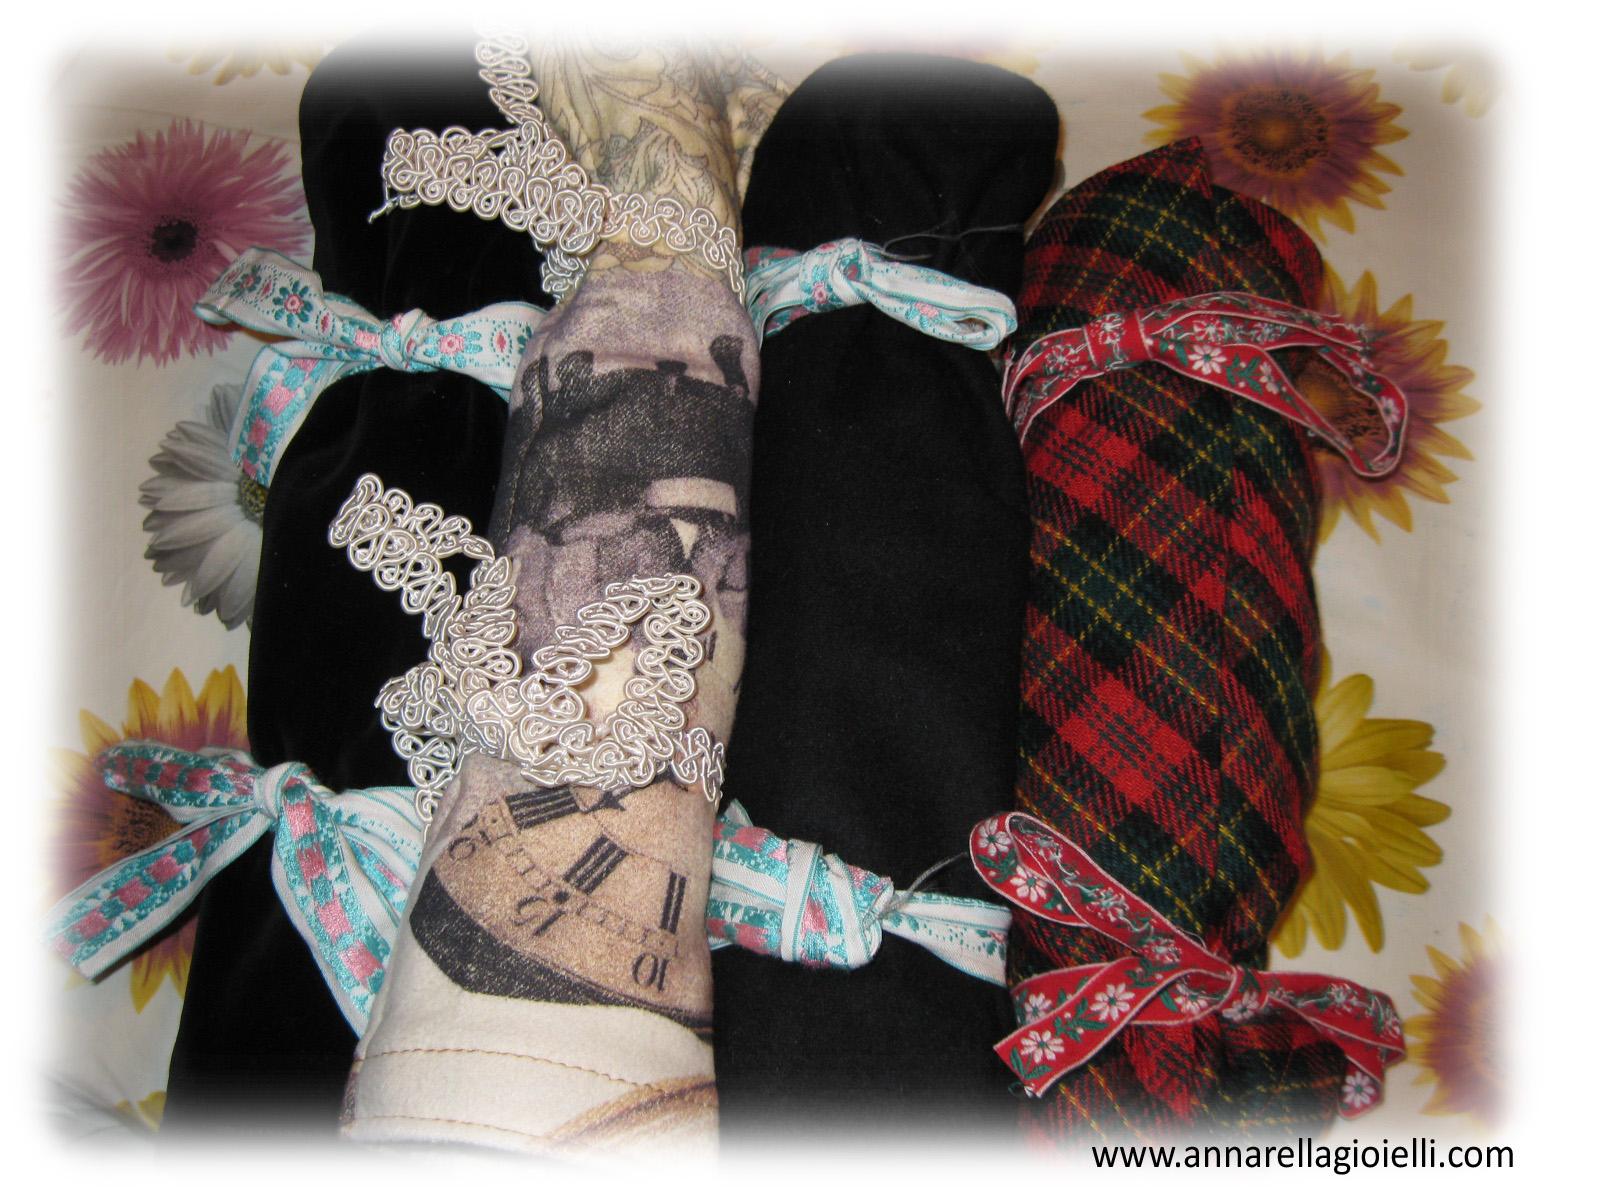 Annarella gioielli tutorial portagioielli in stoffa fai da te - Portagioielli fai da te ...